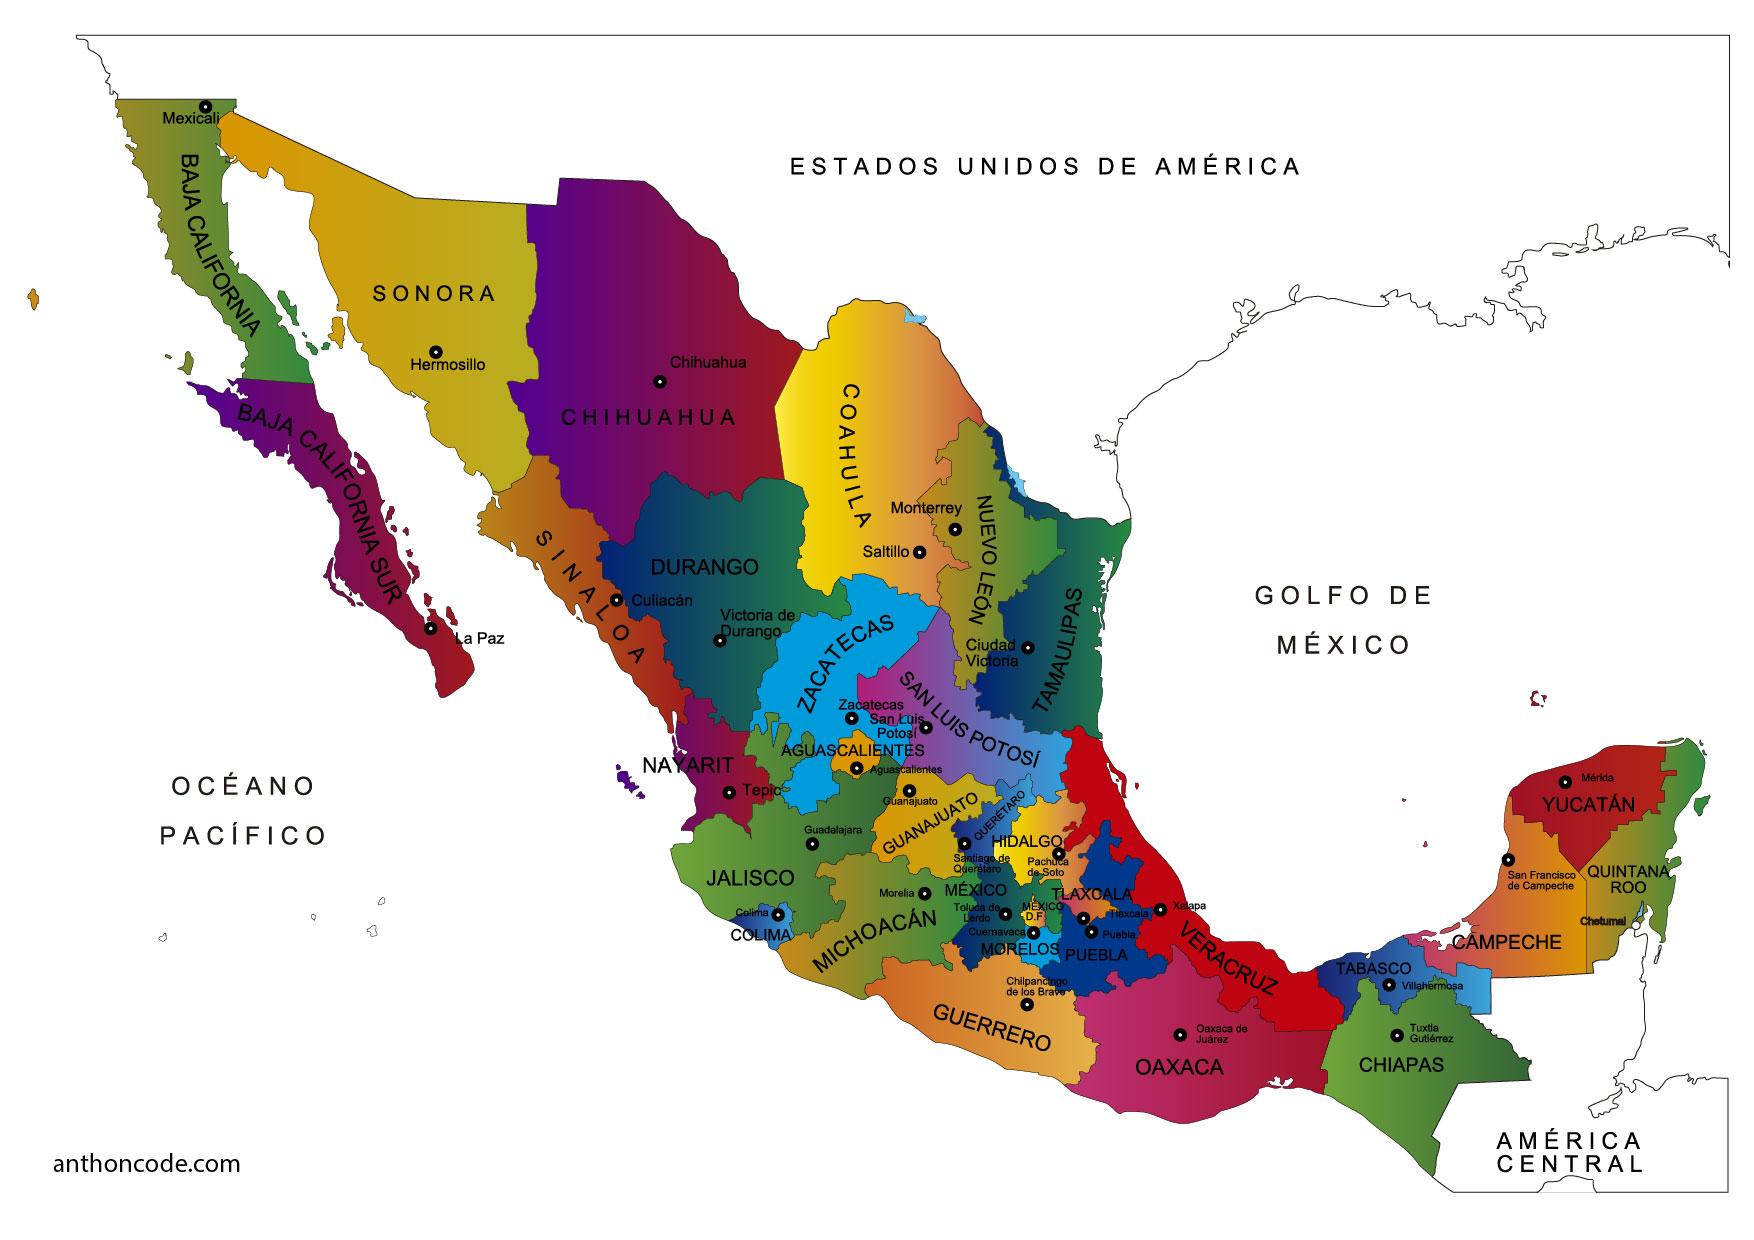 Mapa de México y Estados